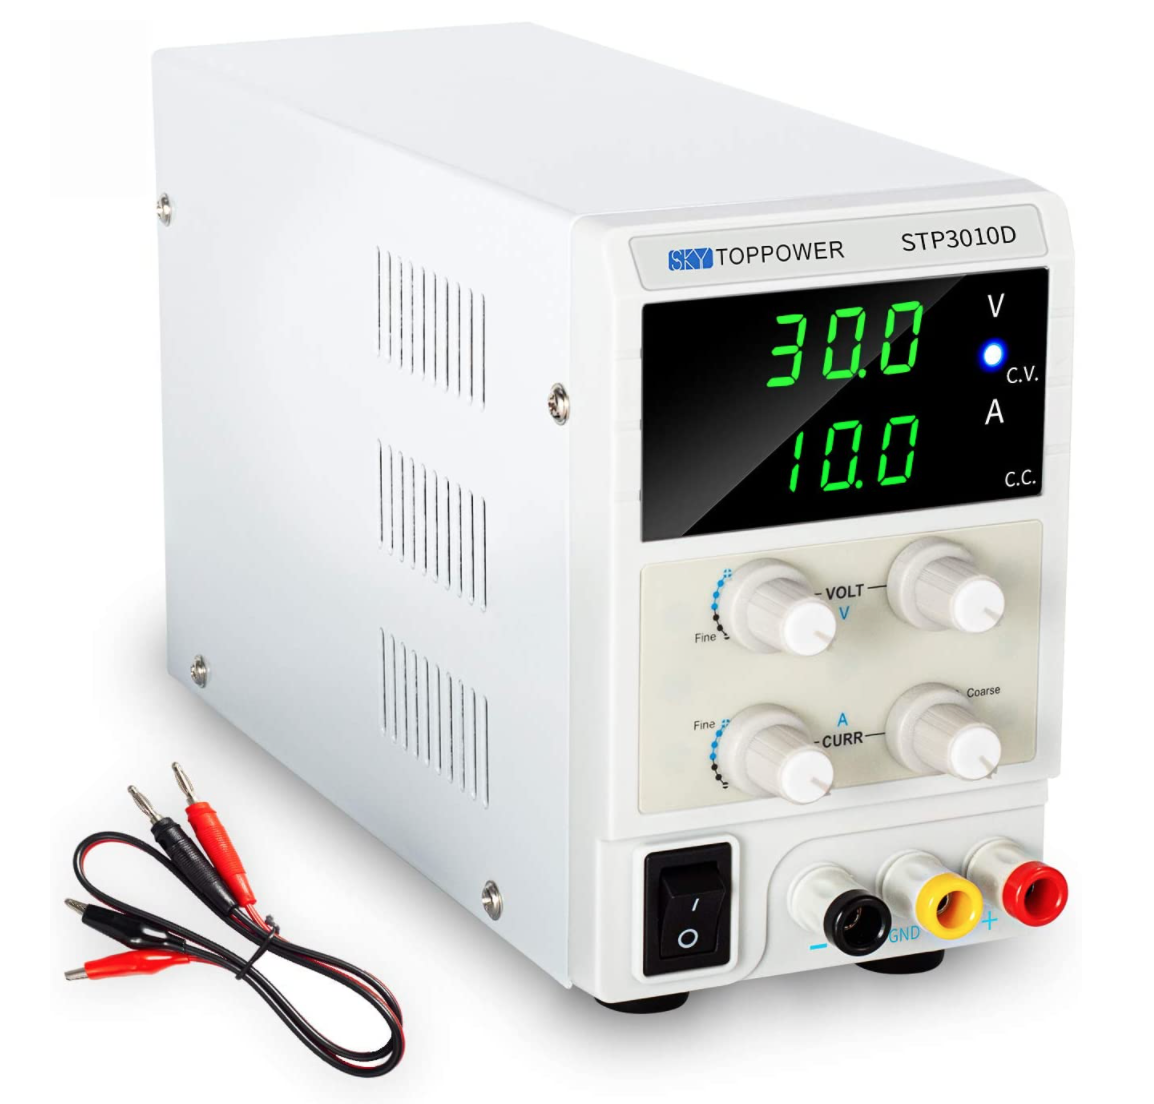 可変直流安定化電源 30V 5A 4桁電圧・電流表示 スイッチング電源